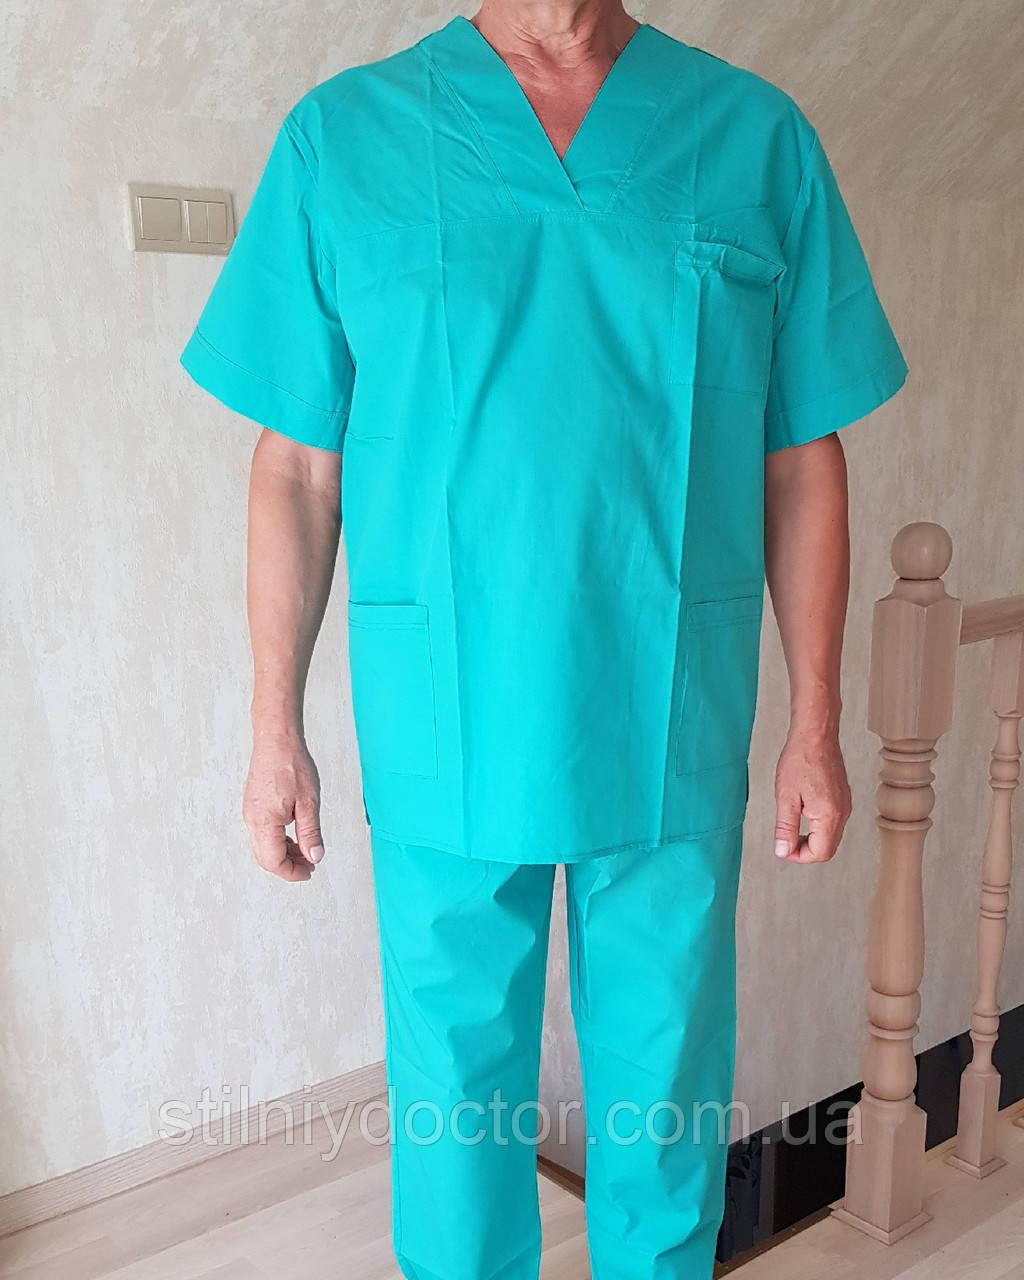 Хірургічний костюм